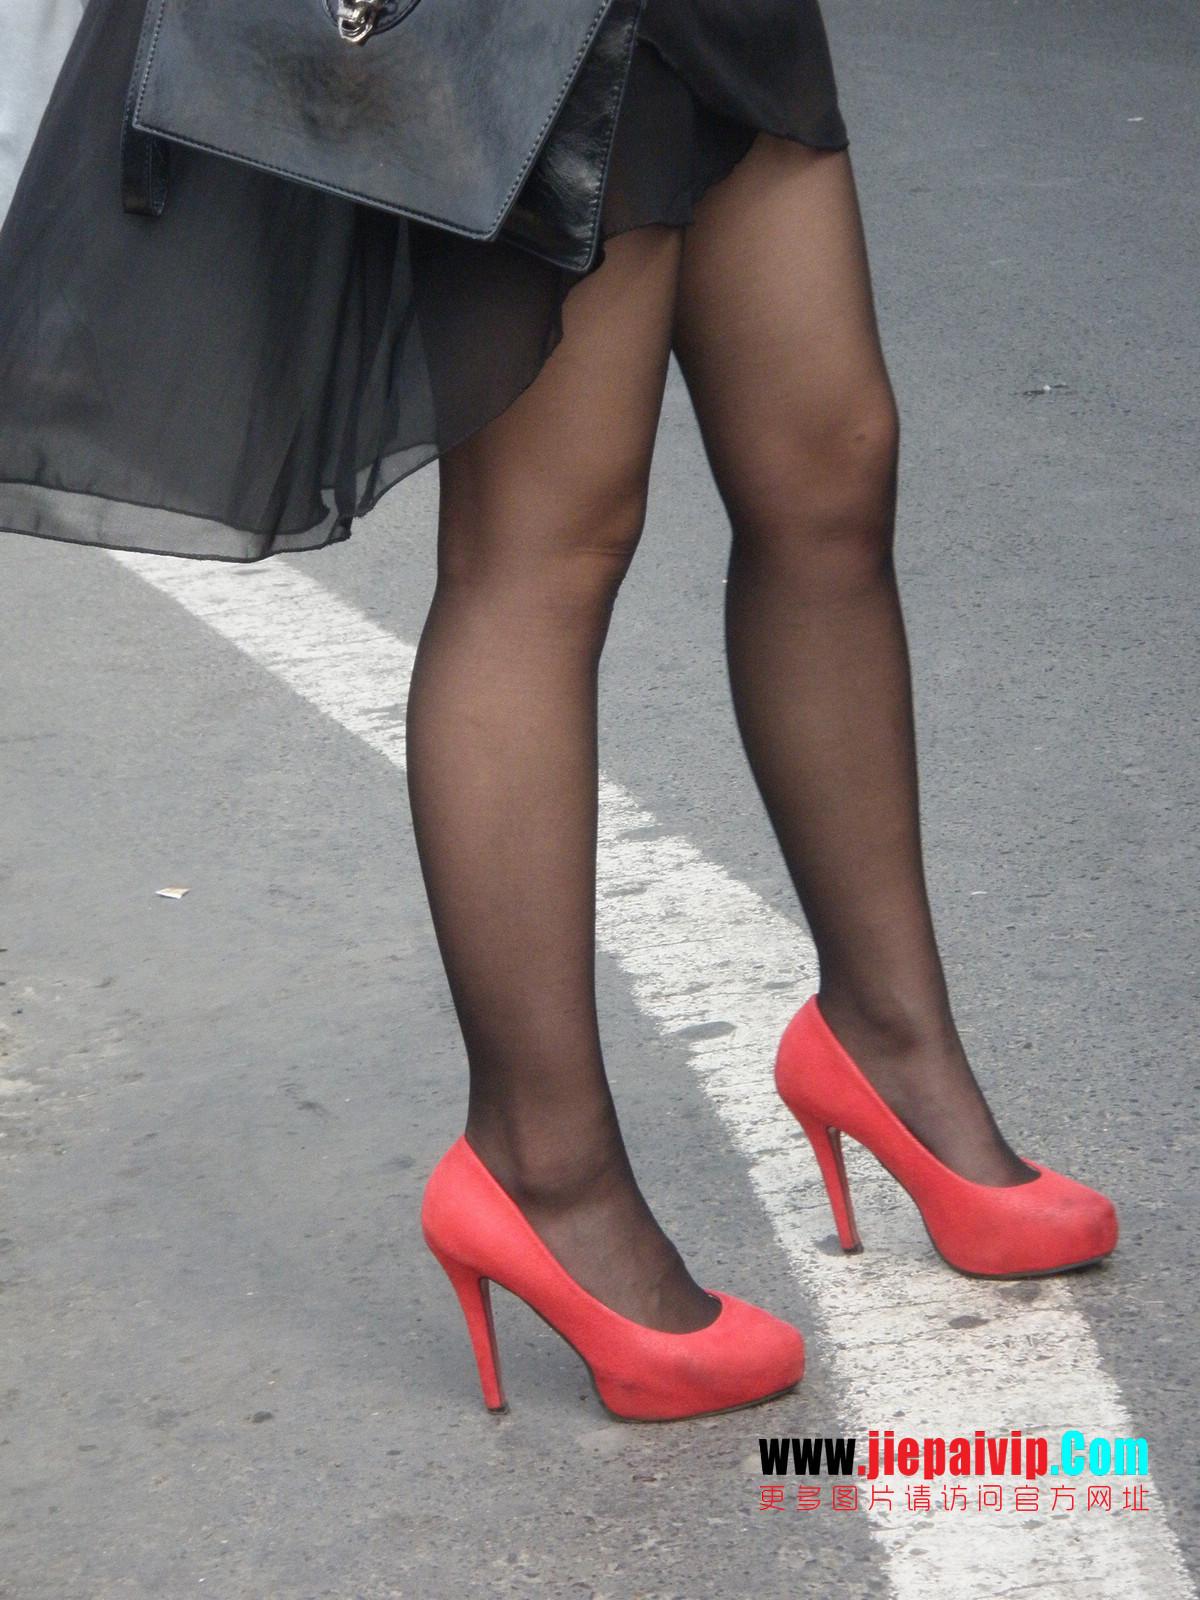 性感的红色高跟鞋黑丝袜美腿女人7